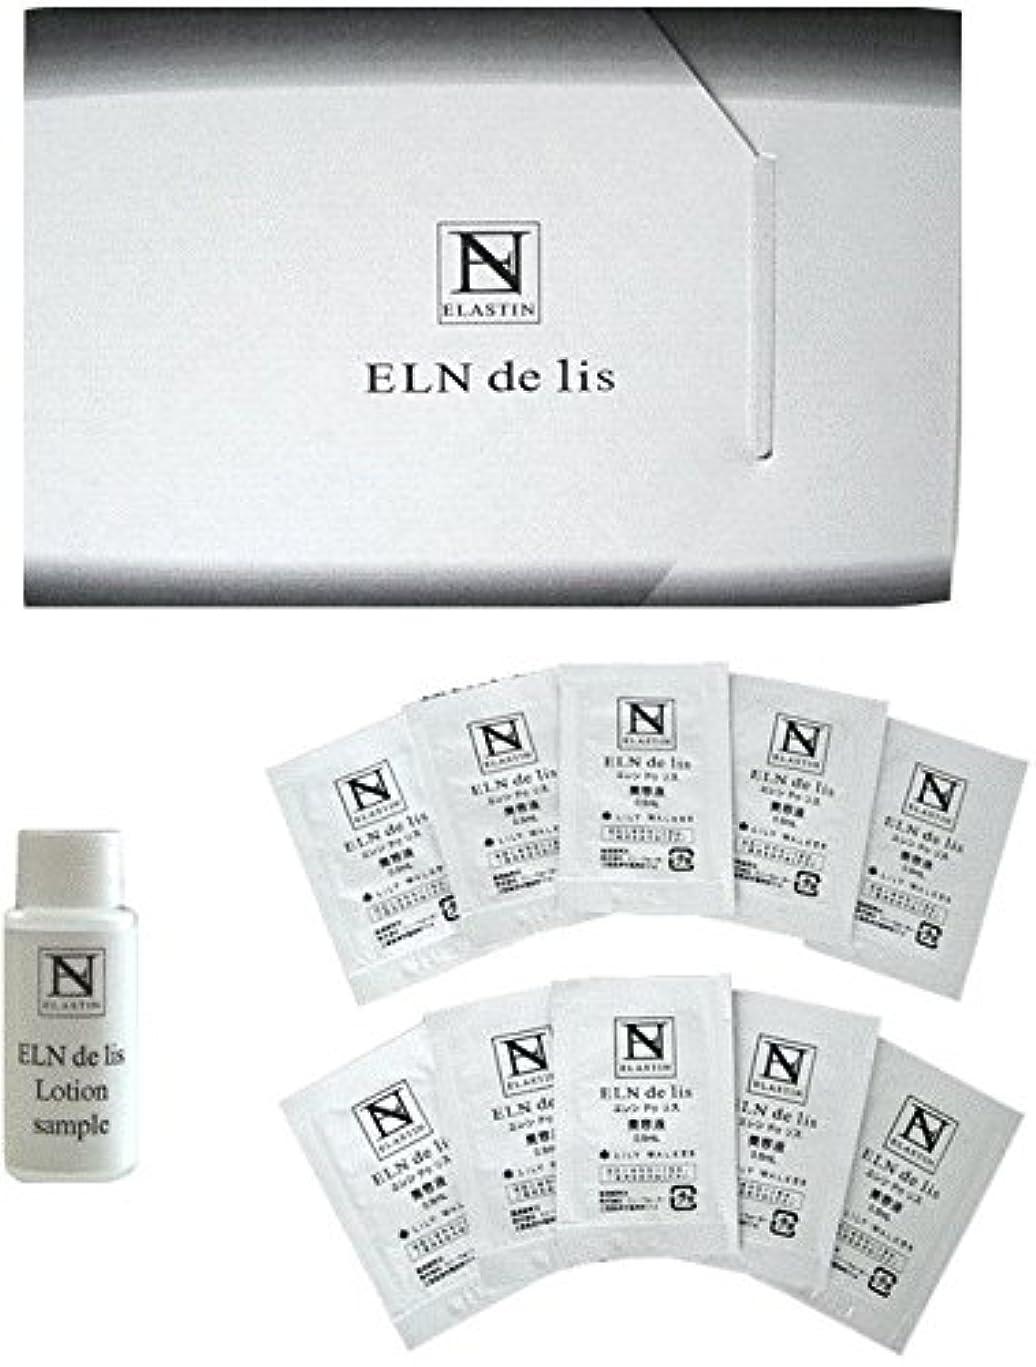 特権的なぜなら植生生エラスチン配合美容液 エレンドゥリス?10回分トライアルセット 化粧水付き